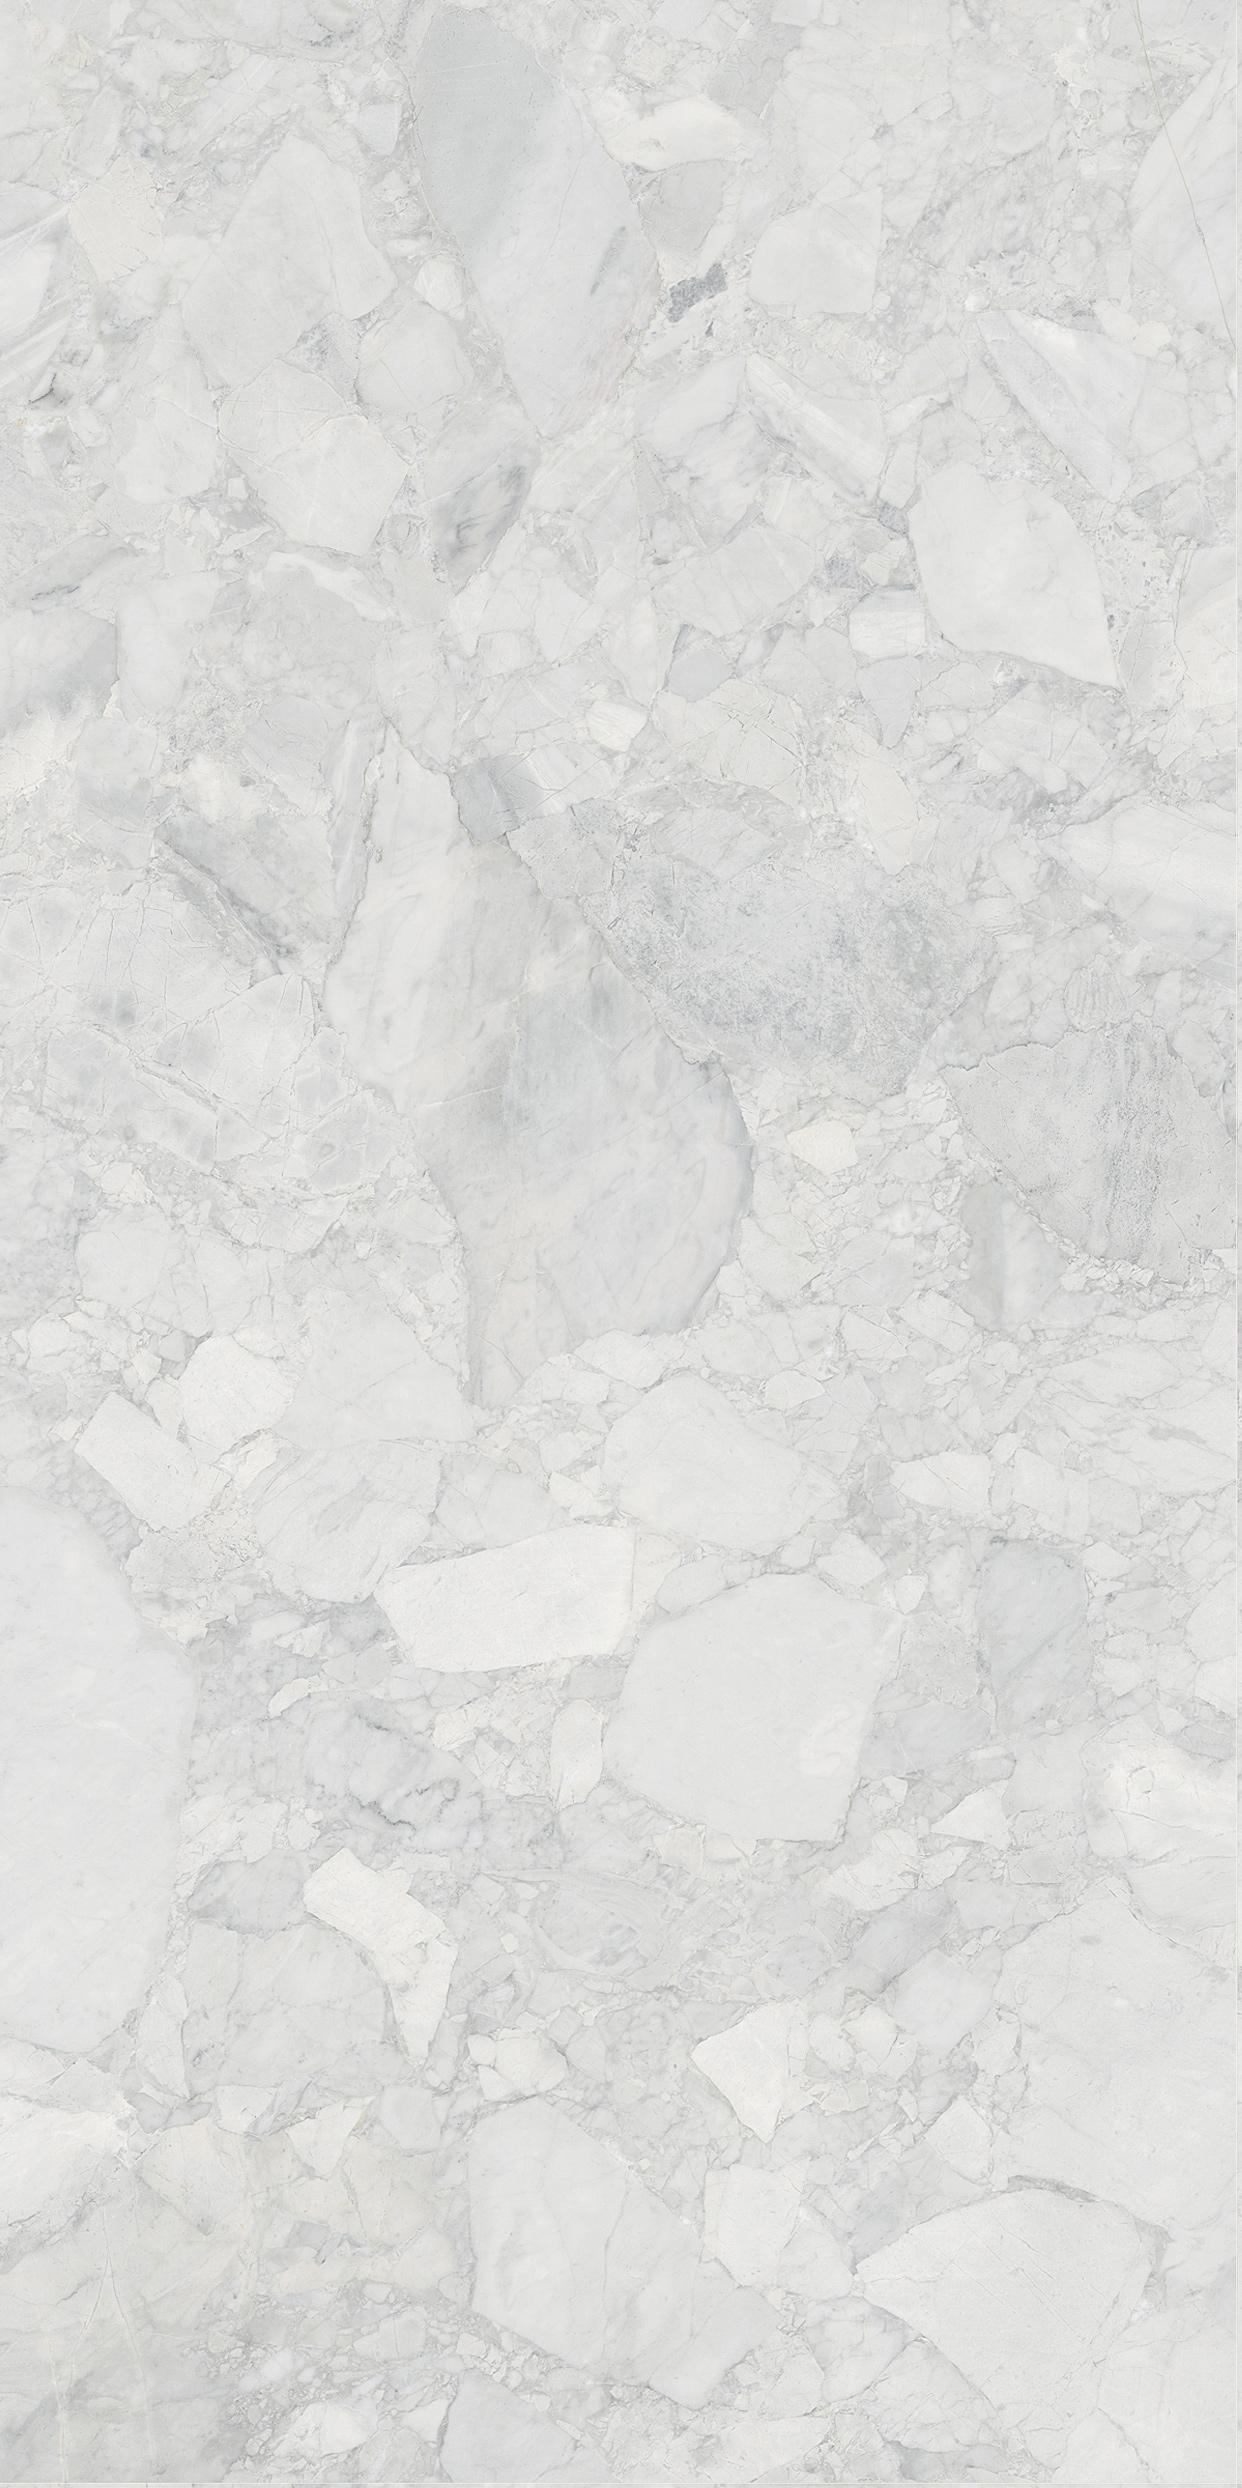 布尔萨灰HPGM157052,750x1500mm